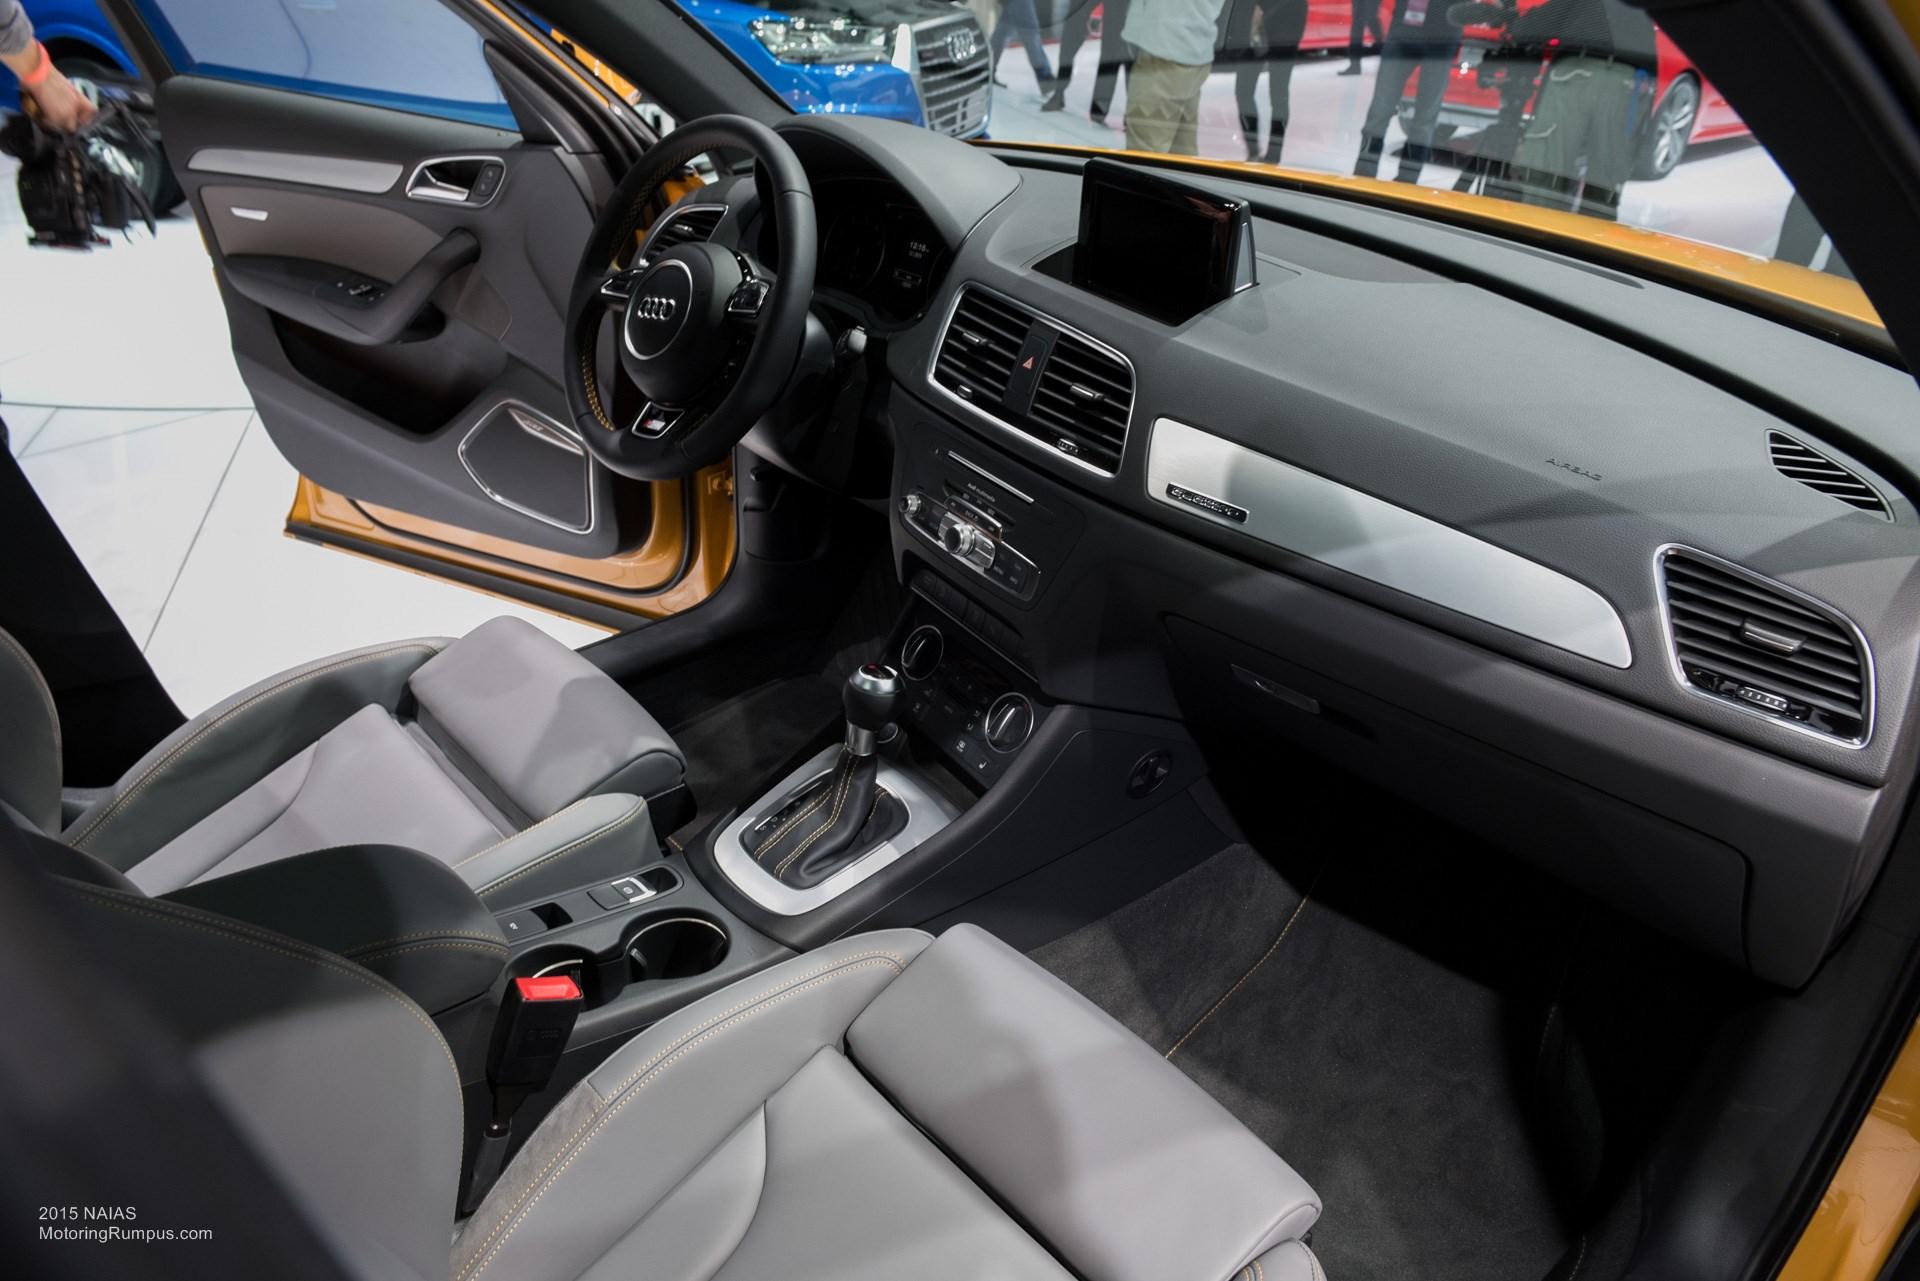 2015 NAIAS Audi Q3 Interior